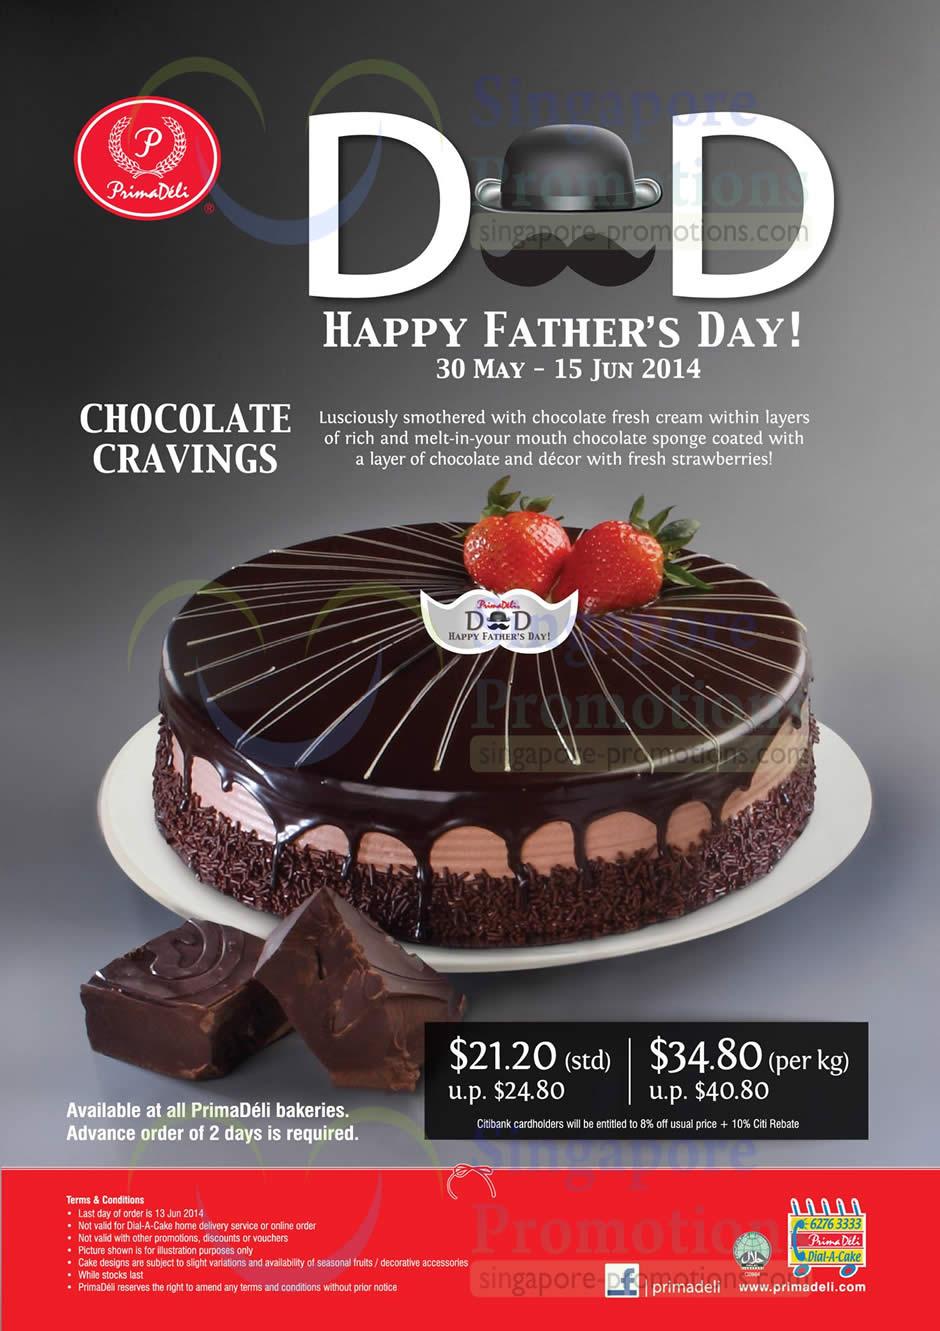 Prima Deli Chocolate Cravings Cake Promo For Father S Day